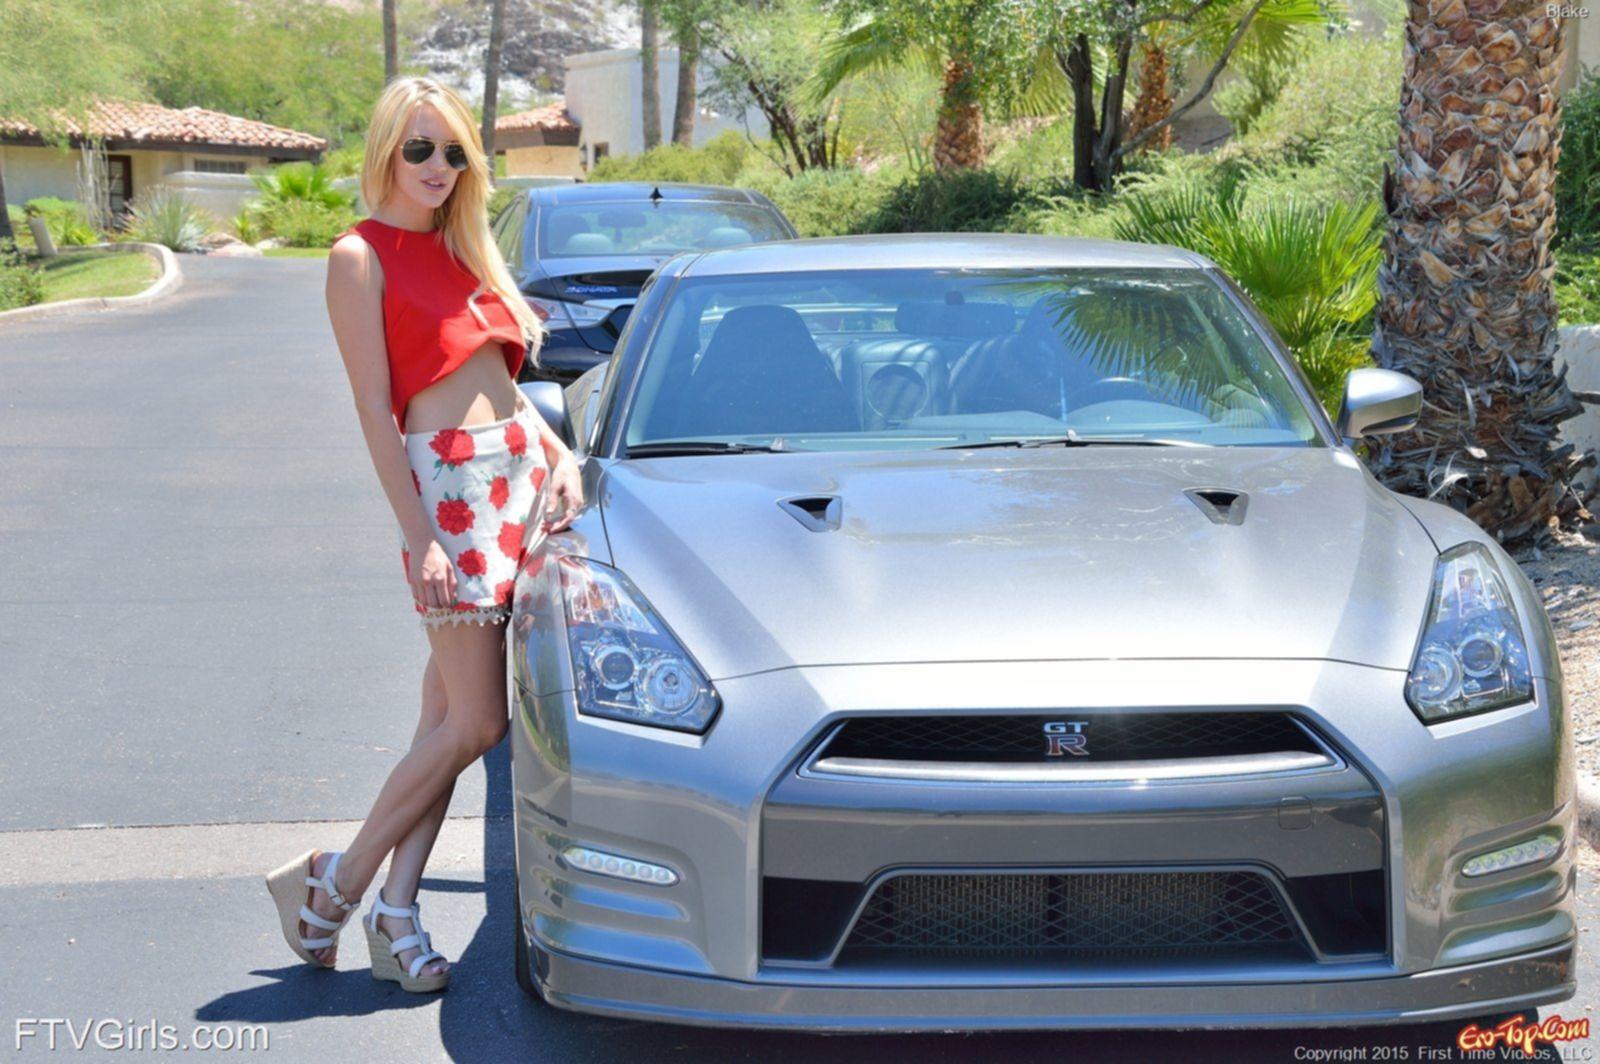 У девушки блондинки под юбкой без трусов - фото Blake Bartelli.